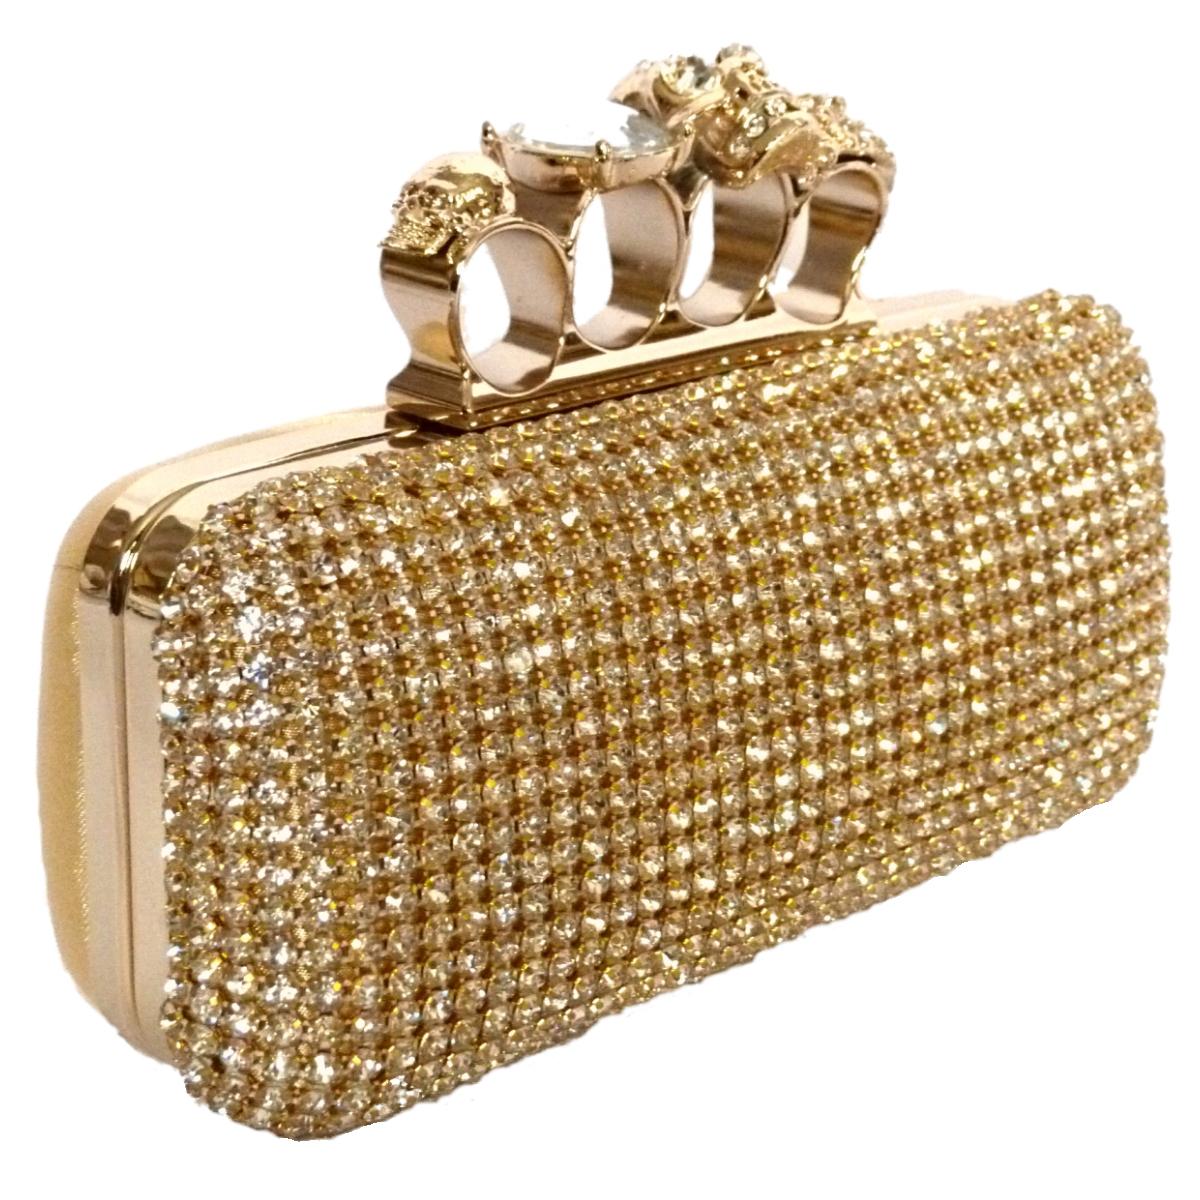 Bolsa De Mão Para Festa Dourada : Vida de adolescente bolsas clutch